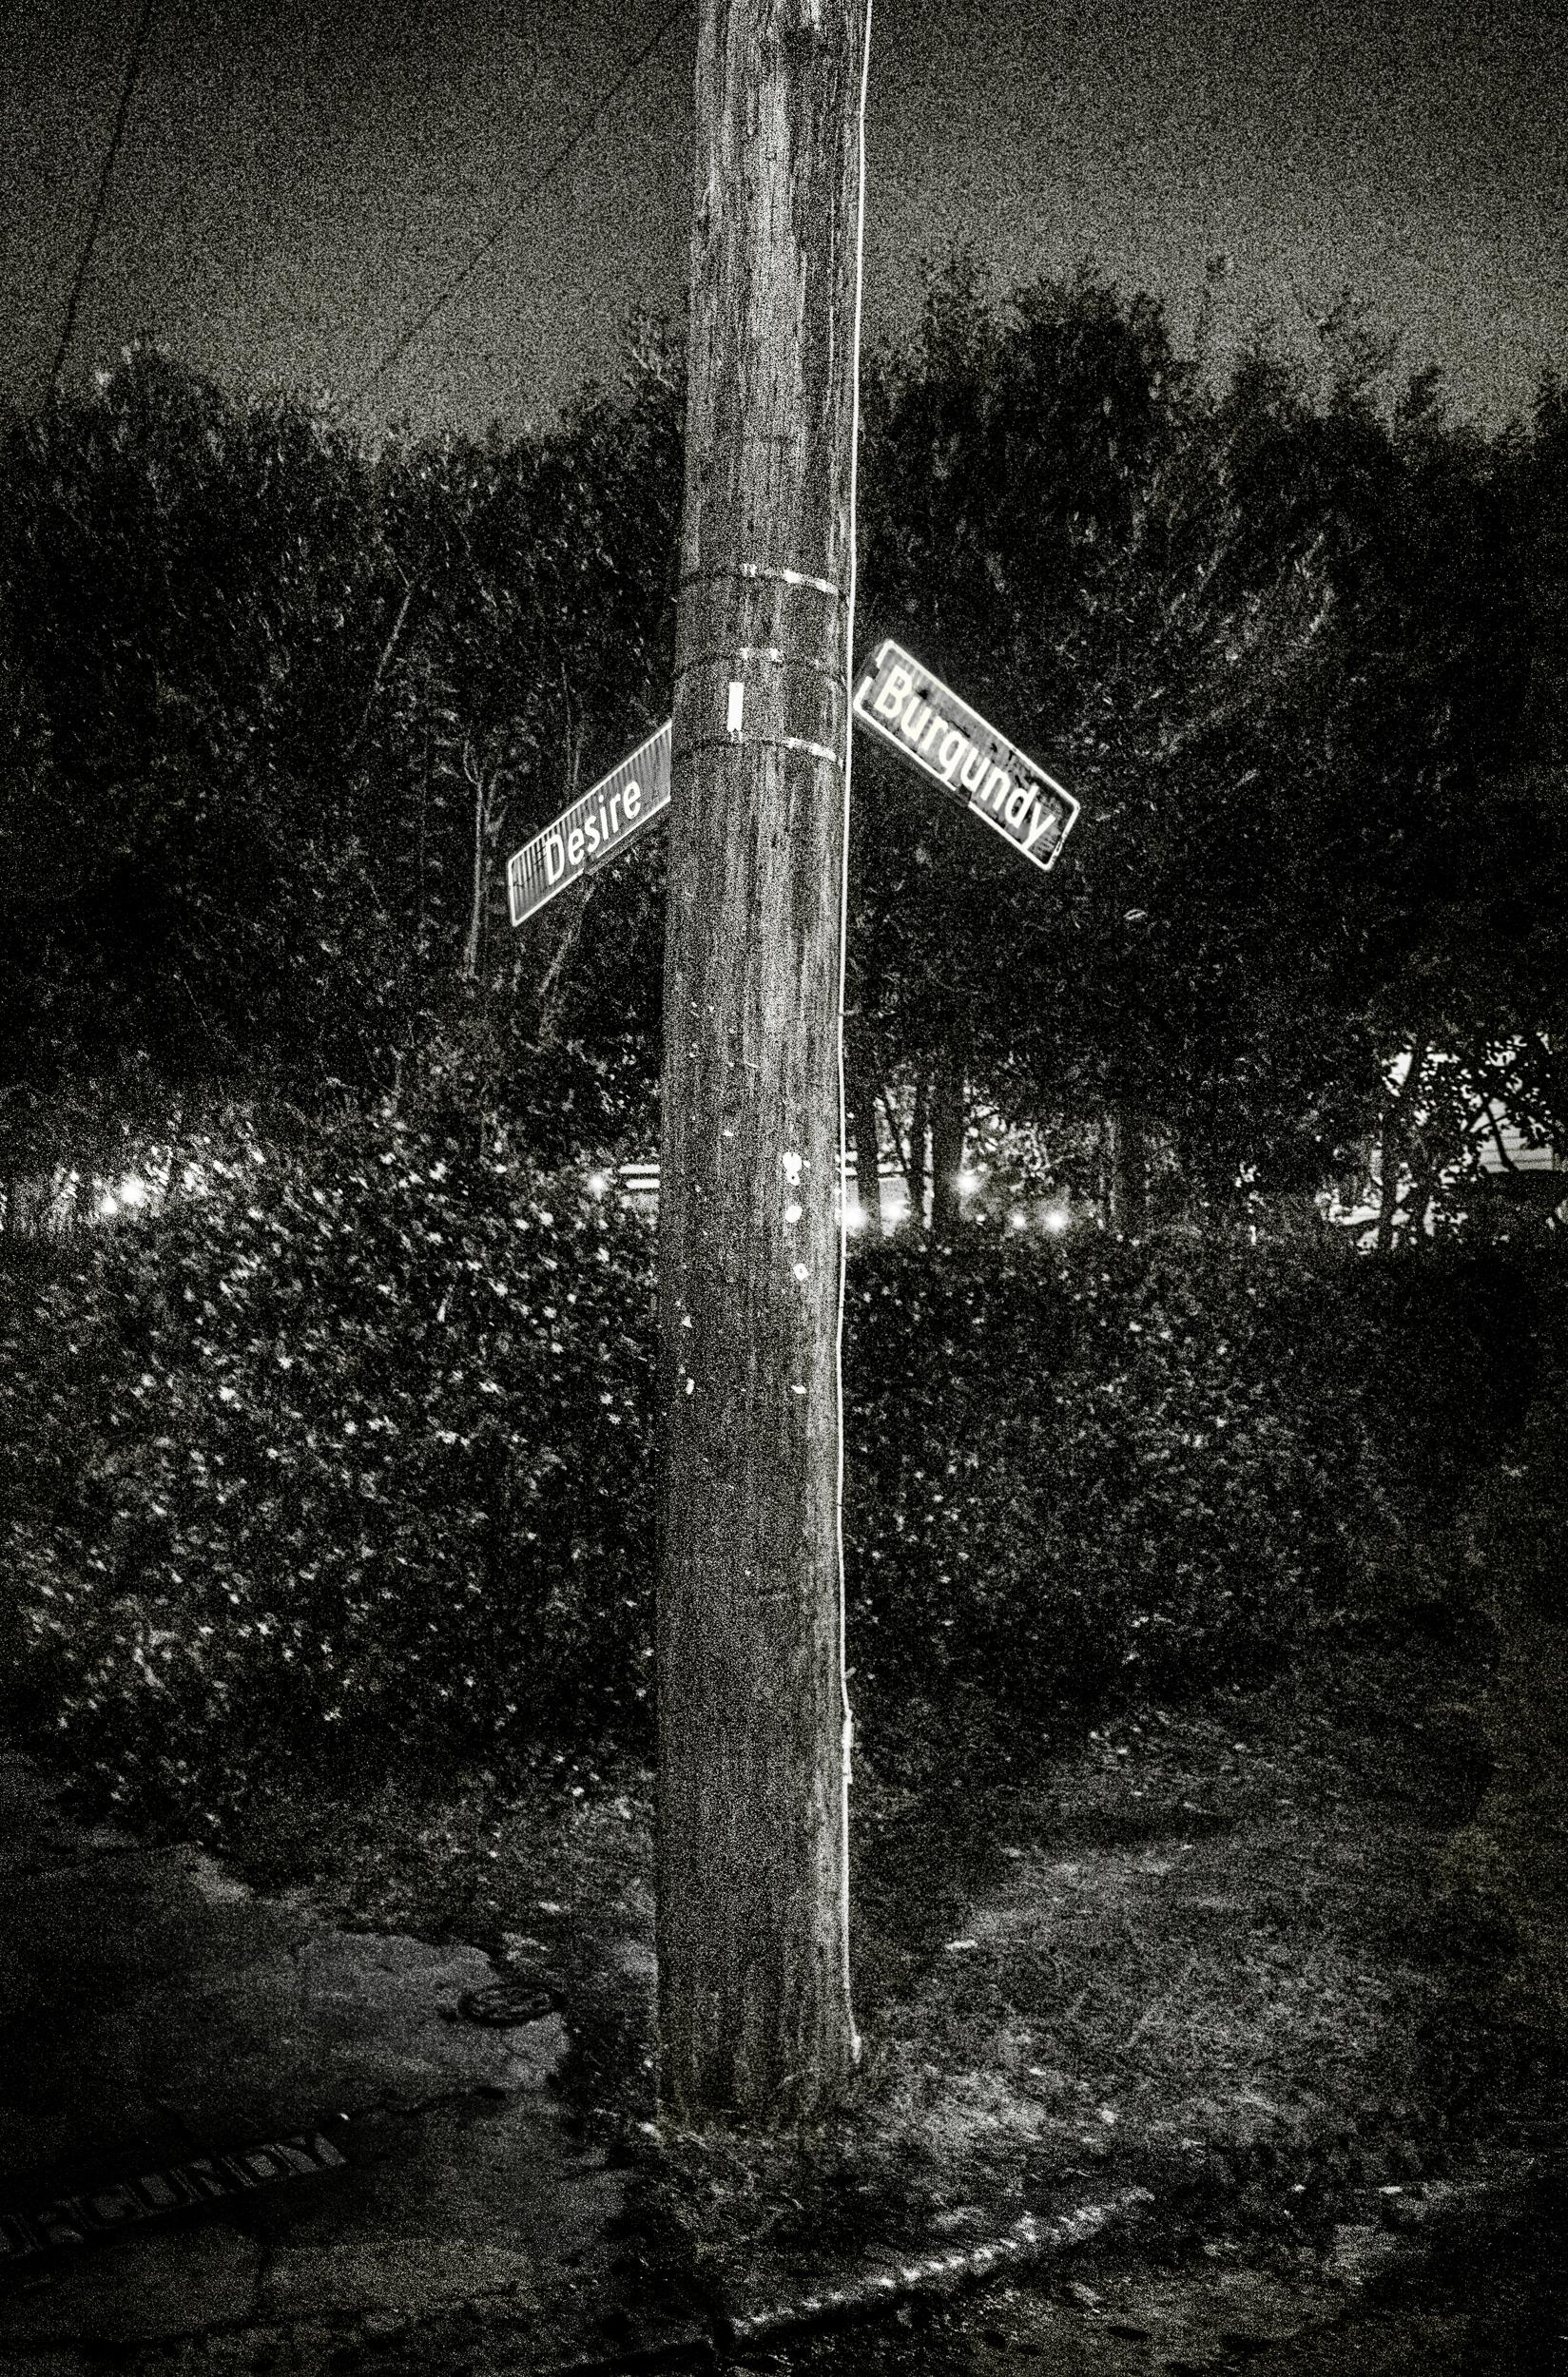 meg_hewitt_Corner_of_Desire_New_Orleans.jpg